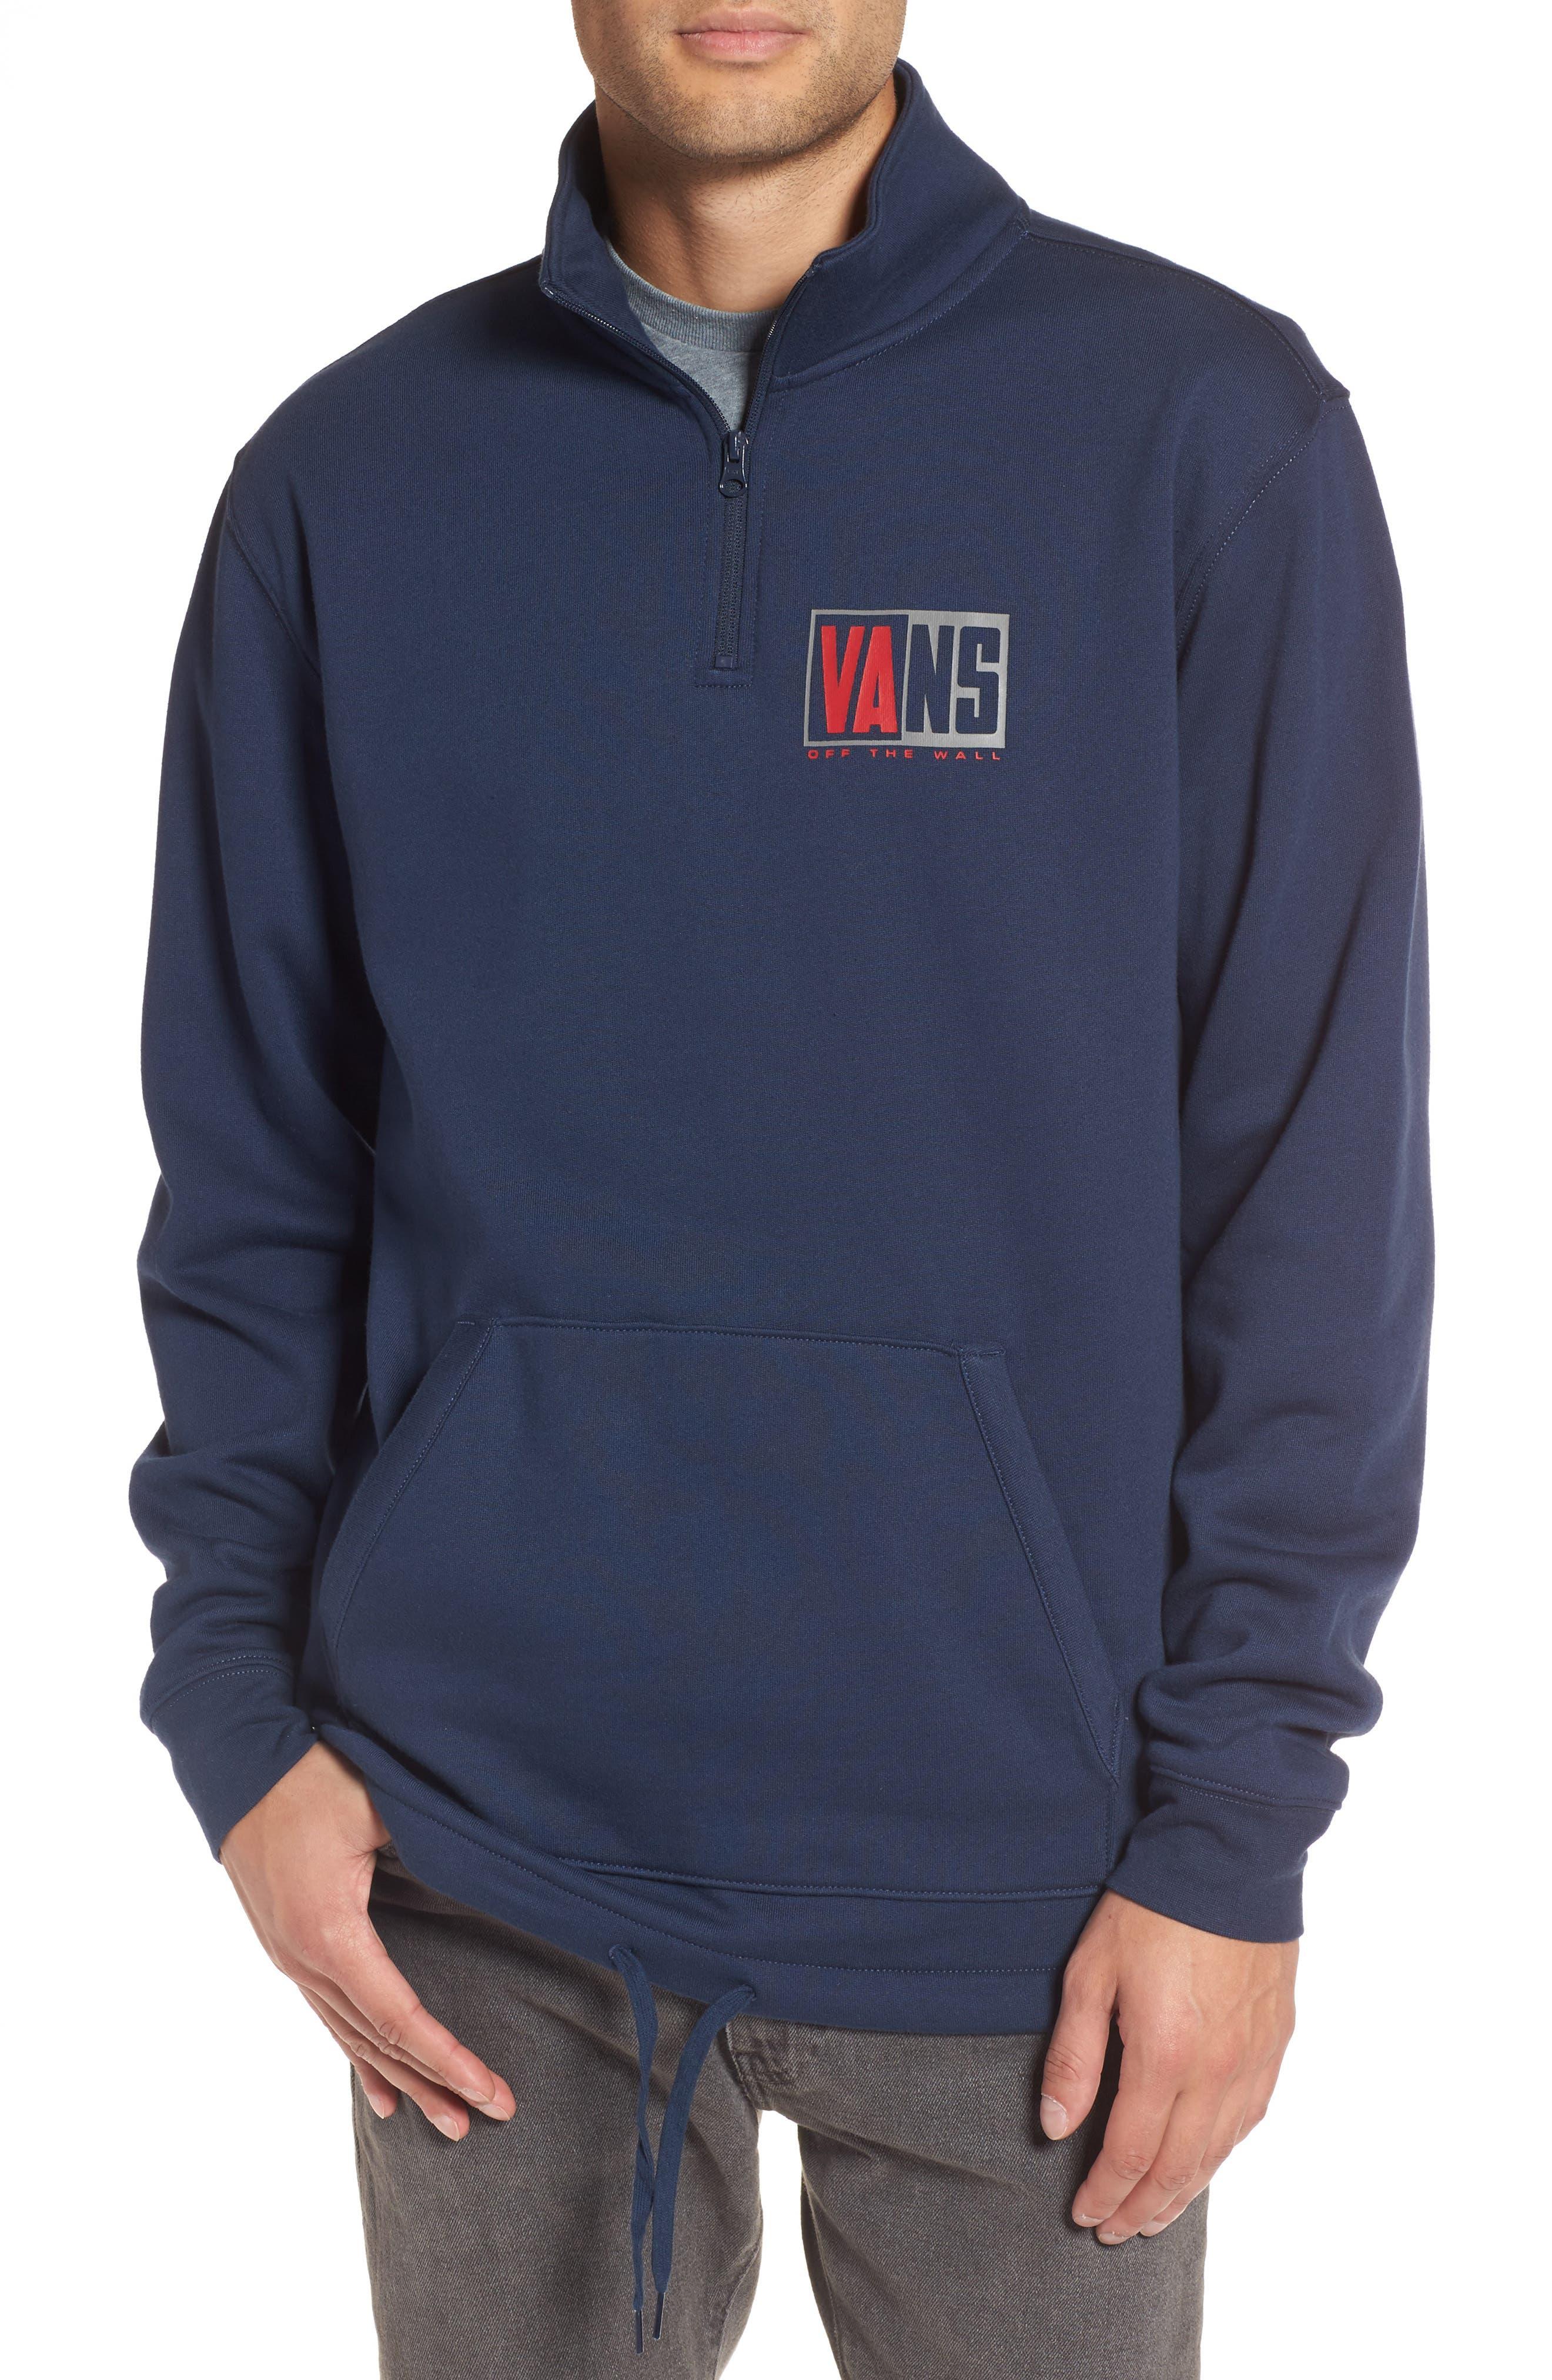 Main Image - Vans Fifty Fifty Half Zip Pullover